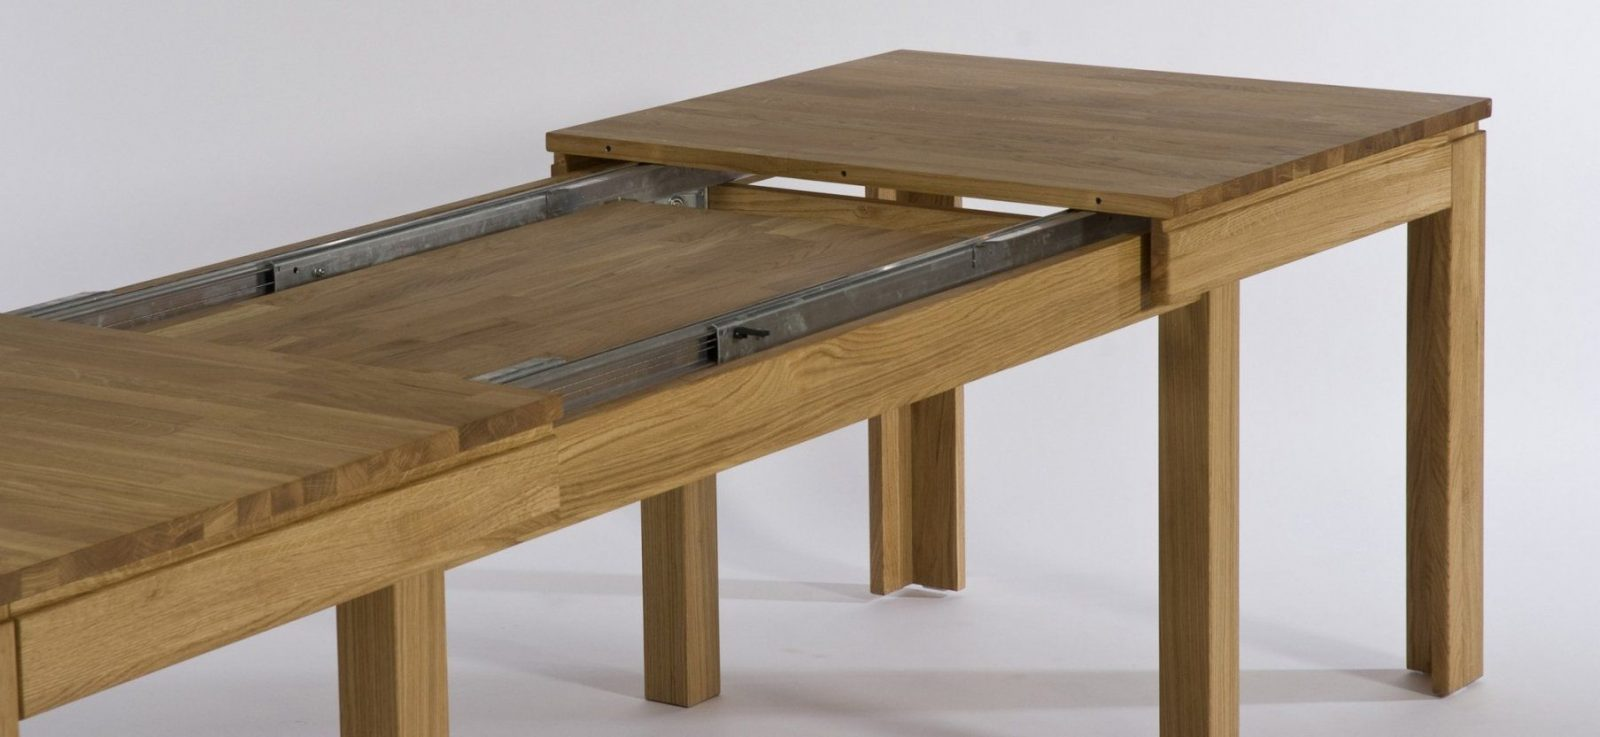 Ausziehbarer Esstisch Holz Tisch Selber Bauen Ausziehbar Glas Rund